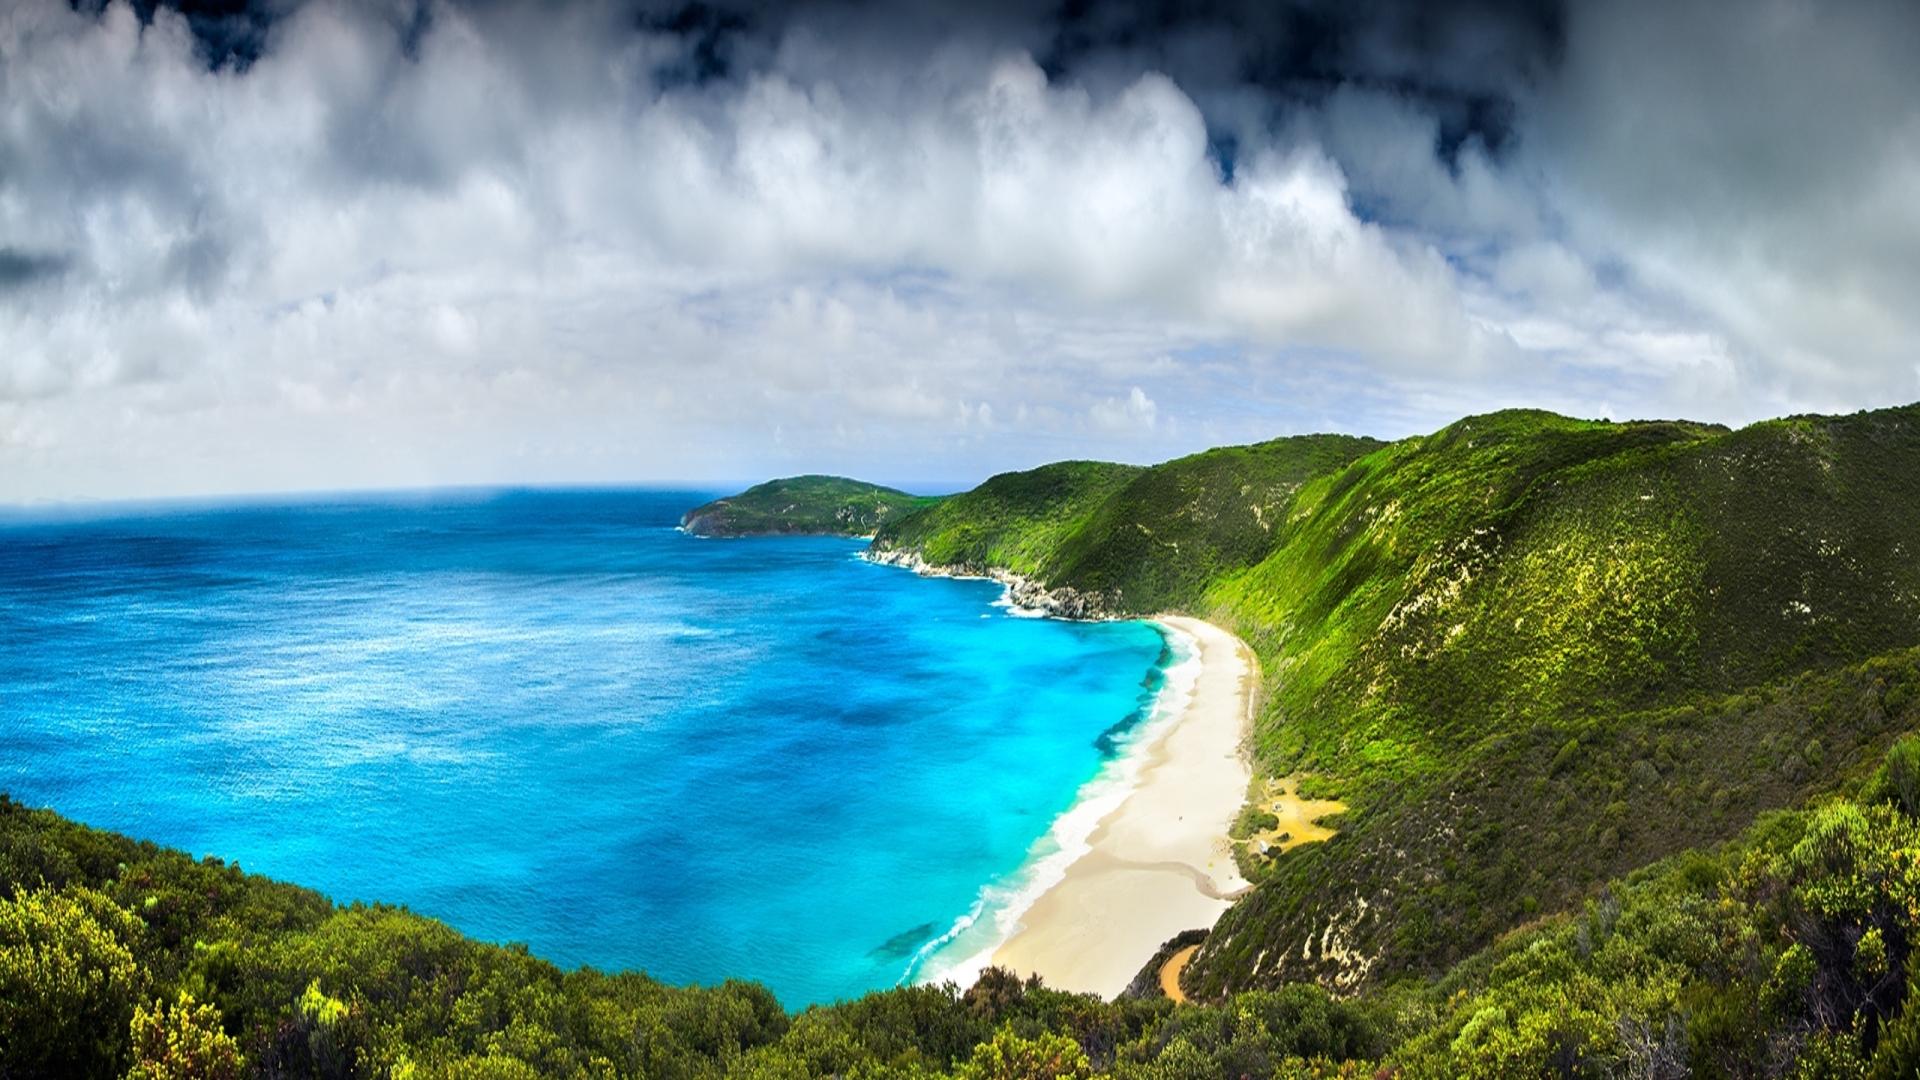 Beach Panorama Wallpaper